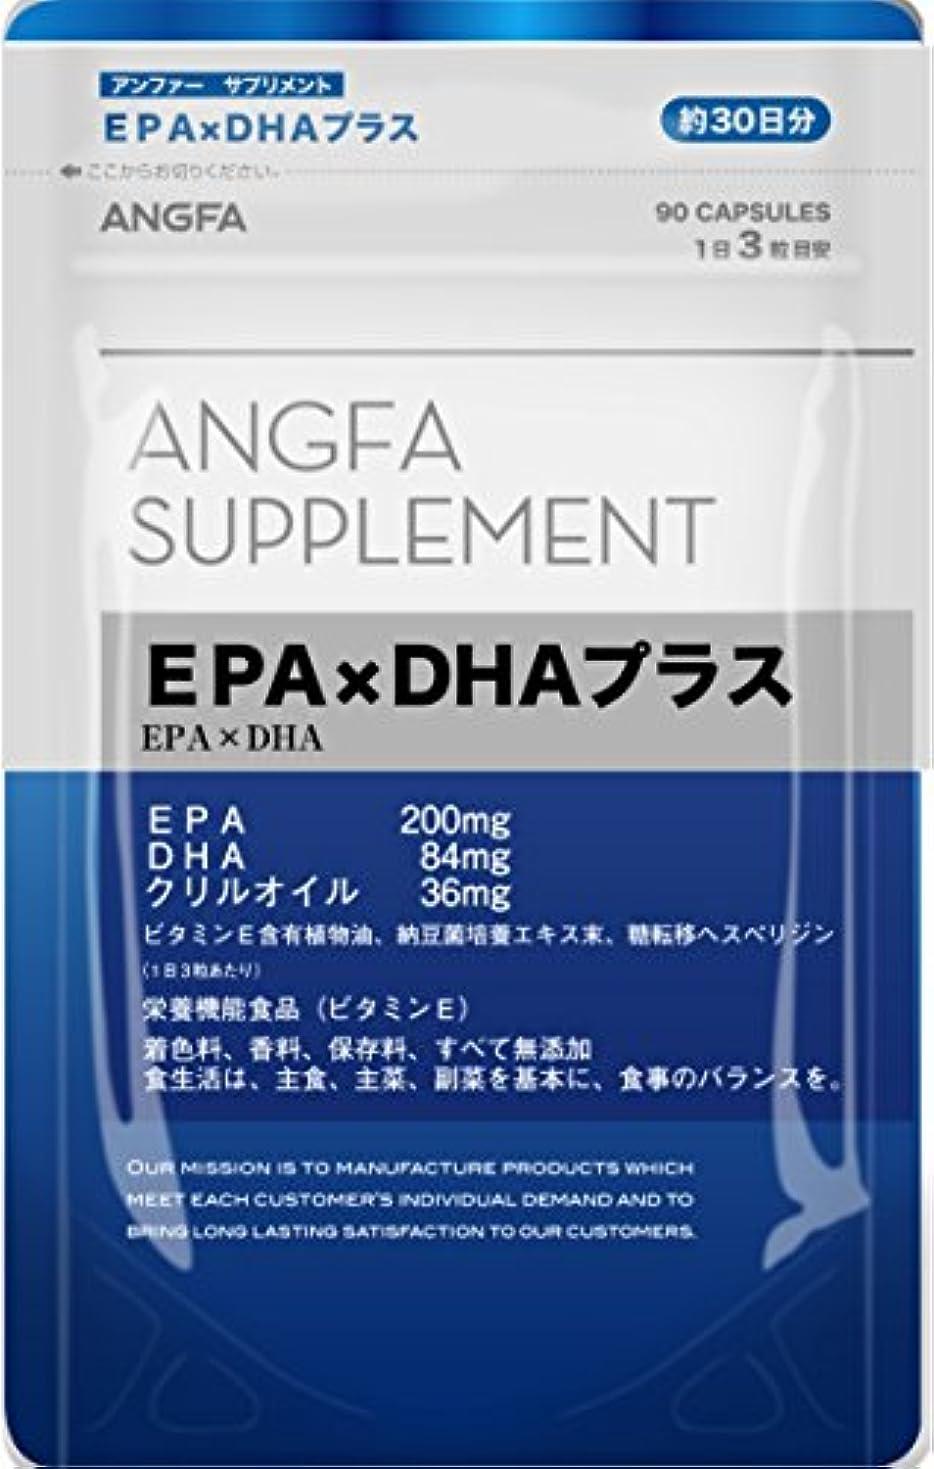 排泄するどちらも終わったアンファー (ANGFA) サプリメント EPA × DHA プラス 90粒